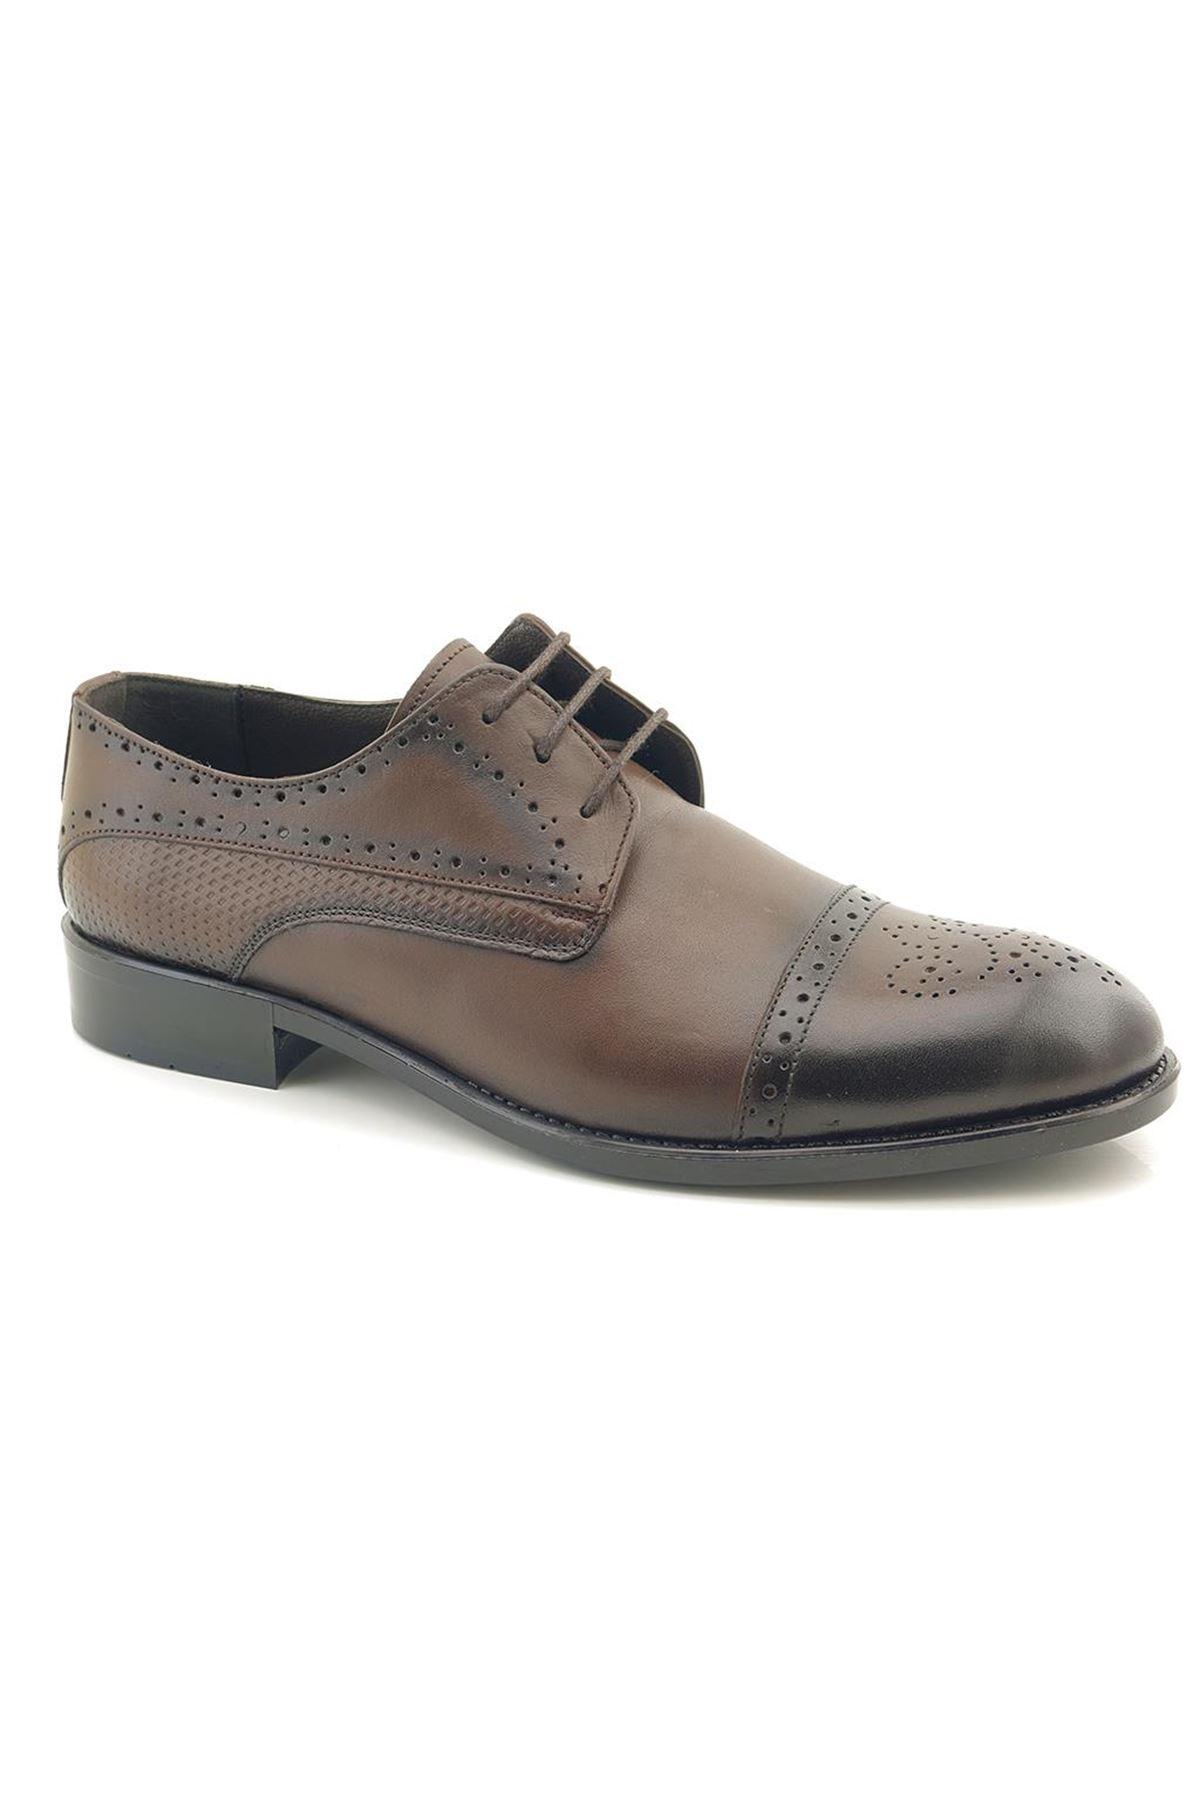 Fecri Hüner K01232 Hakiki Deri Klasik Ayakkabı